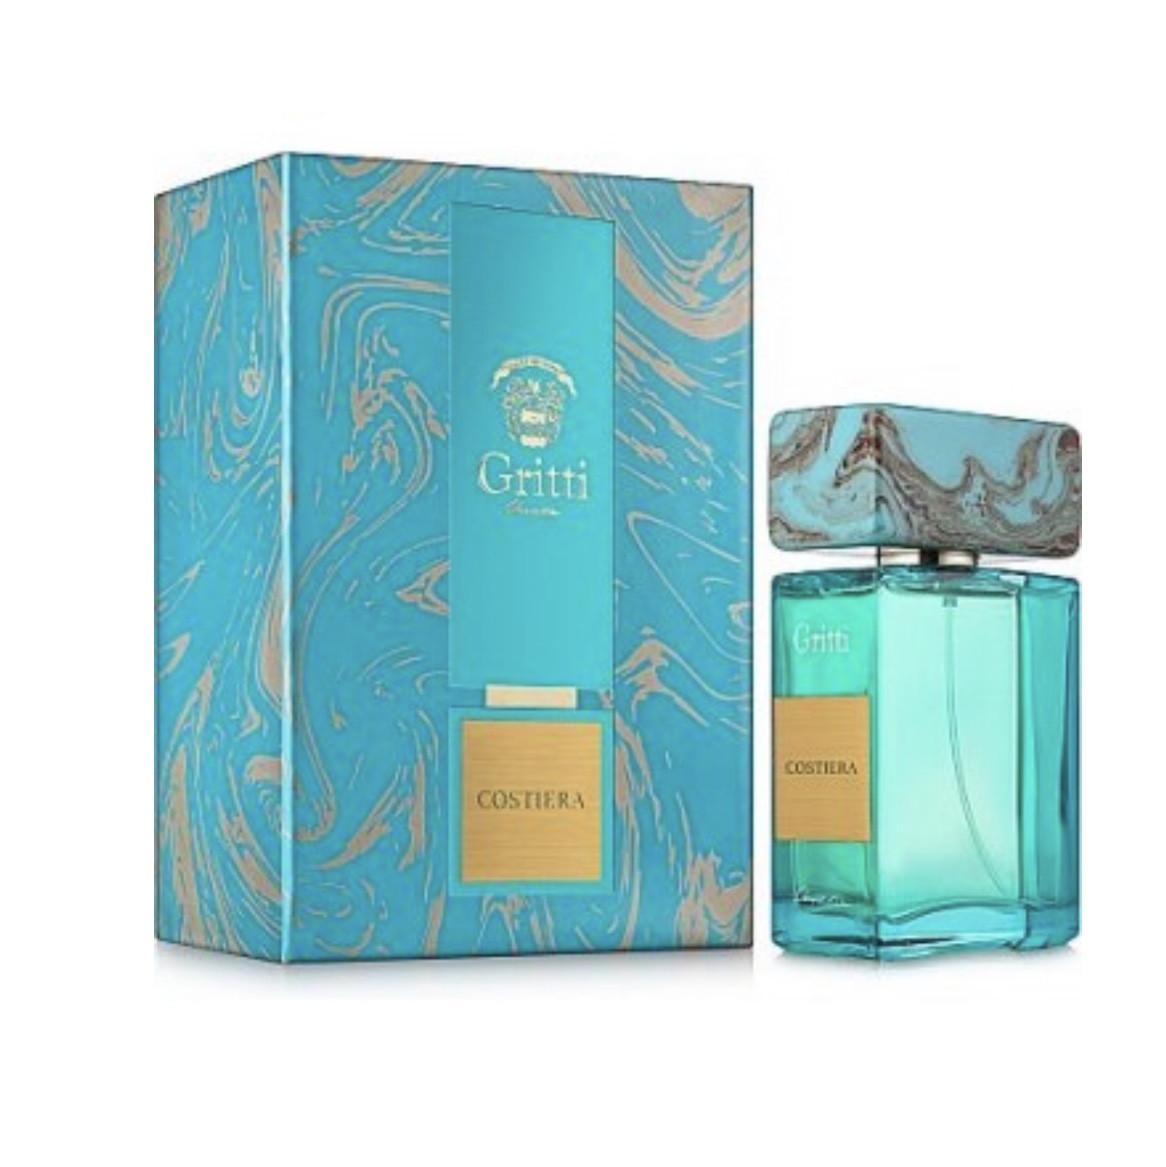 Нішевий парфум унісекс GRITTI Costiera (Грітті Костера) парфумована вода 100ml, Цитрусовий фужерний аромат